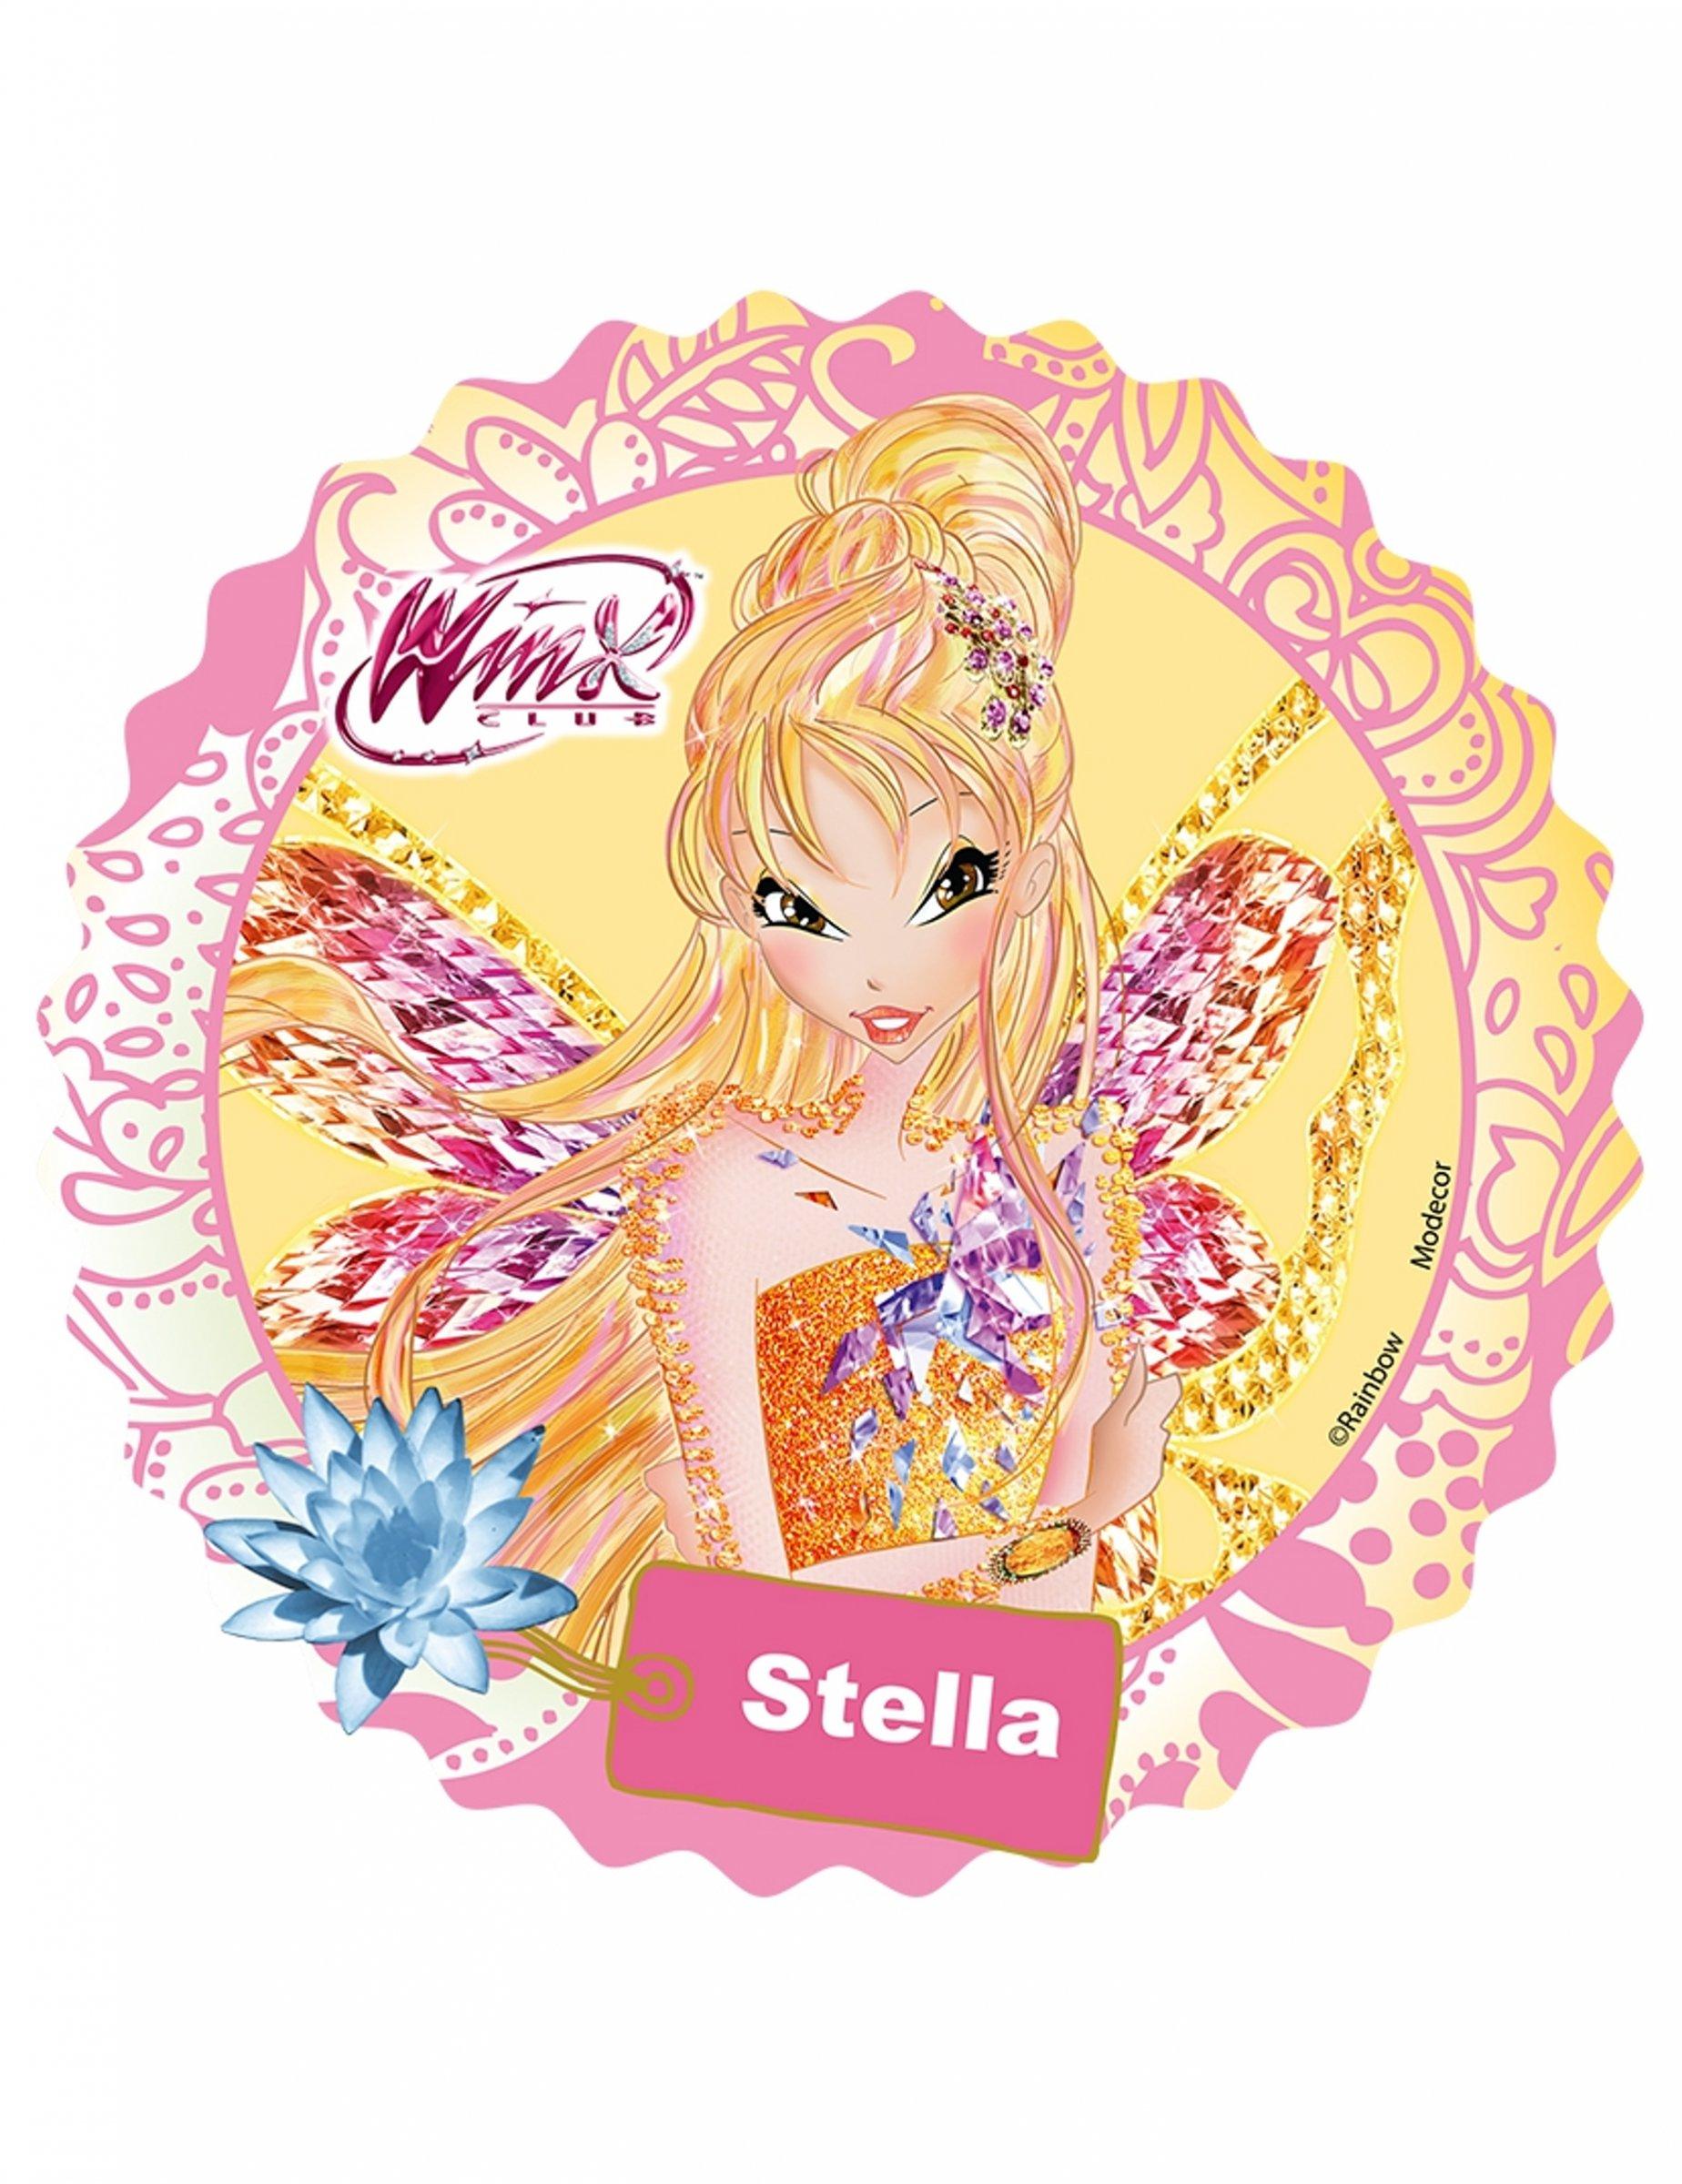 Eetbare Schijf Winx Stella Decoratieen Goedkope Carnavalskleding